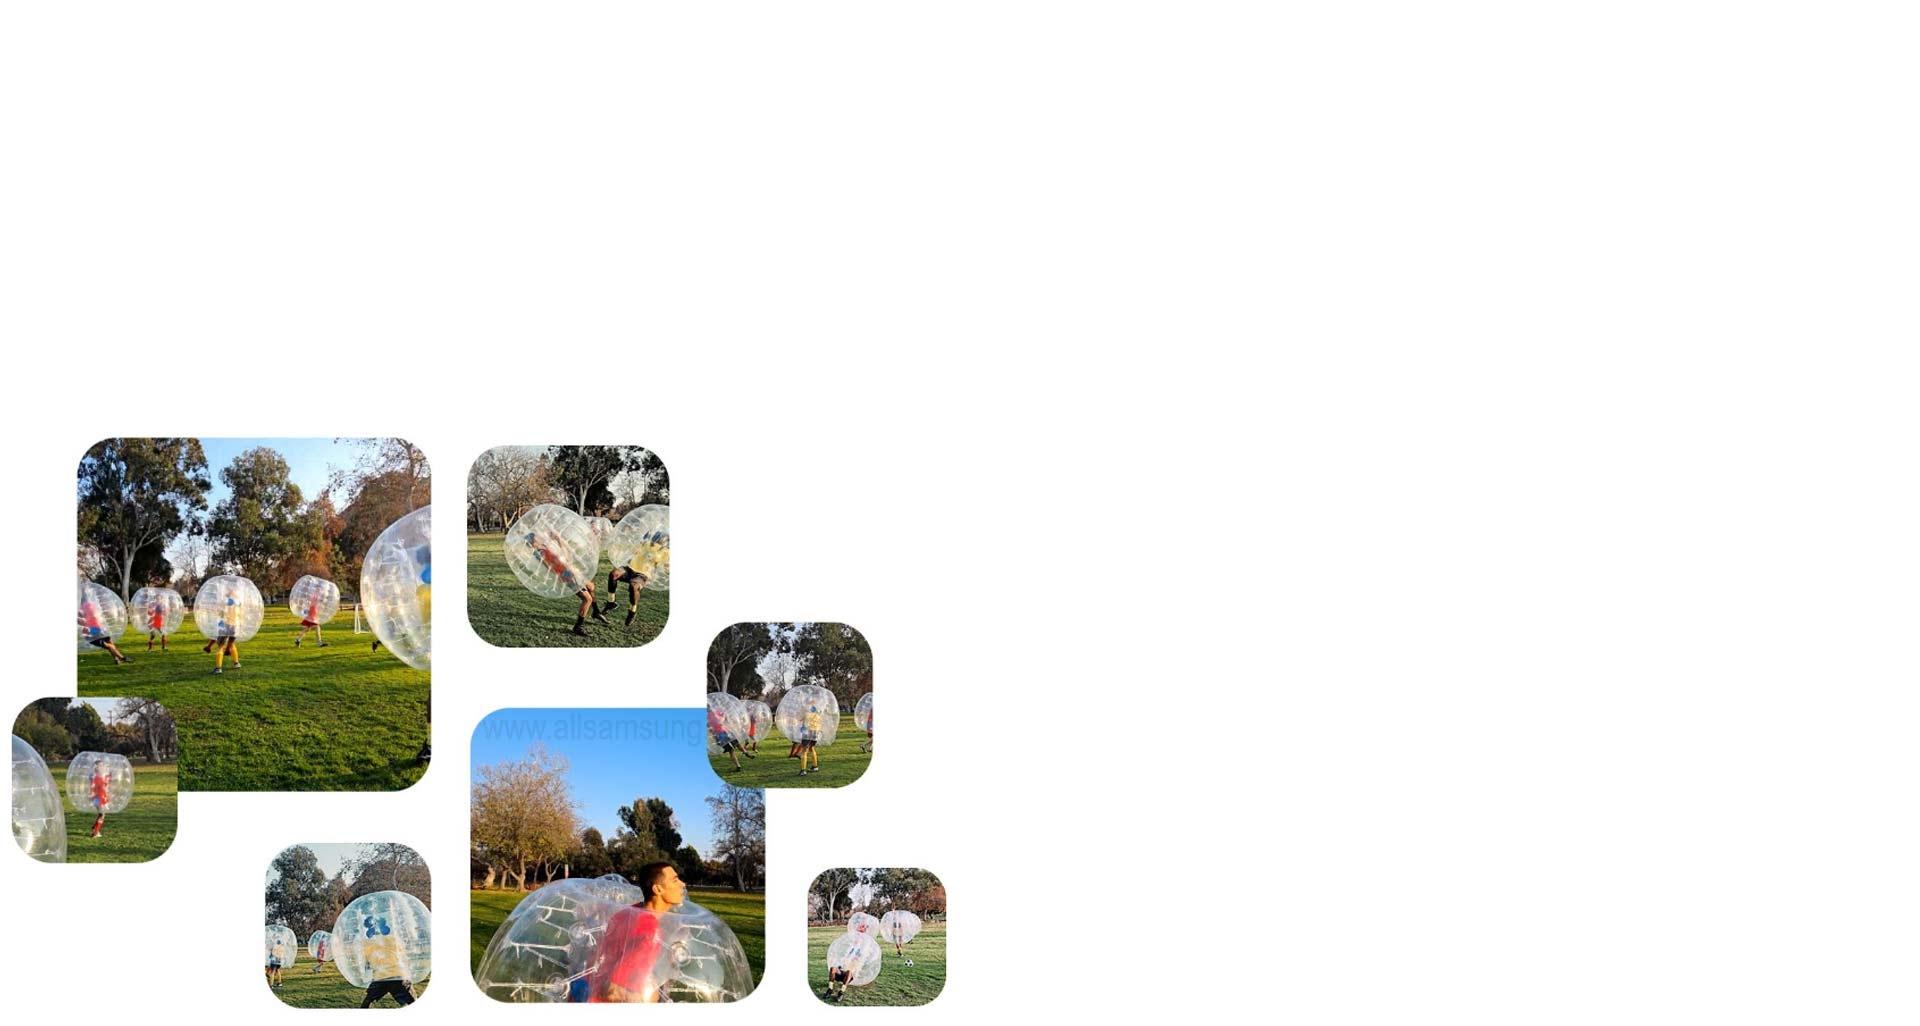 روشی کاملاً جدید برای گرفتن یک عکس و داشتن چند فرمت مختلف توسط گلکسی s20 پلاس